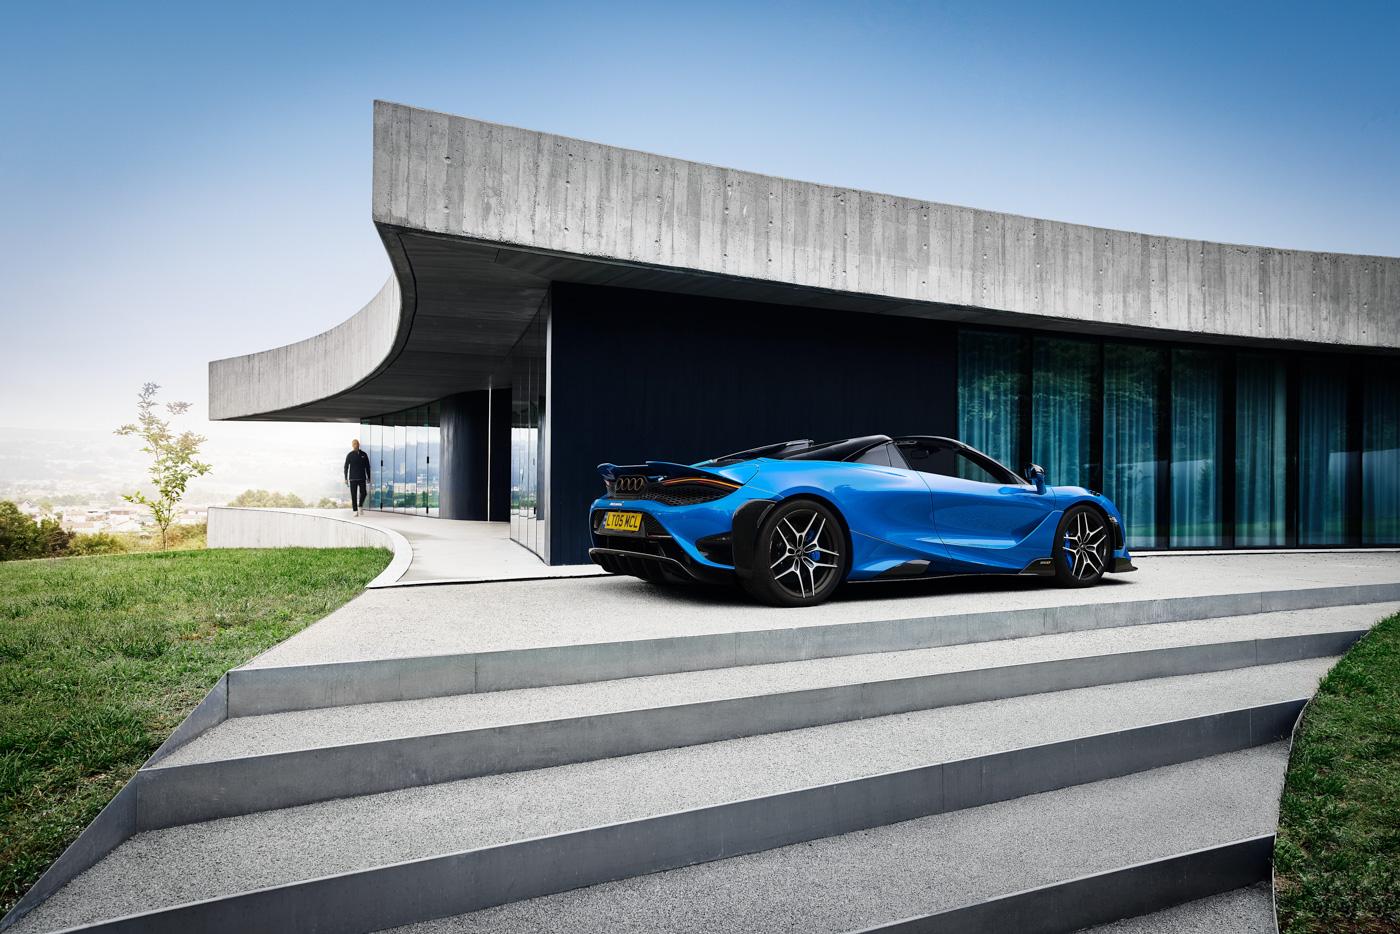 McLaren-765-LT-Spider-siêu-xe-mui-trần-hiệu-năng-cao-dẫn-đầu-phân-khúc-2.jpg